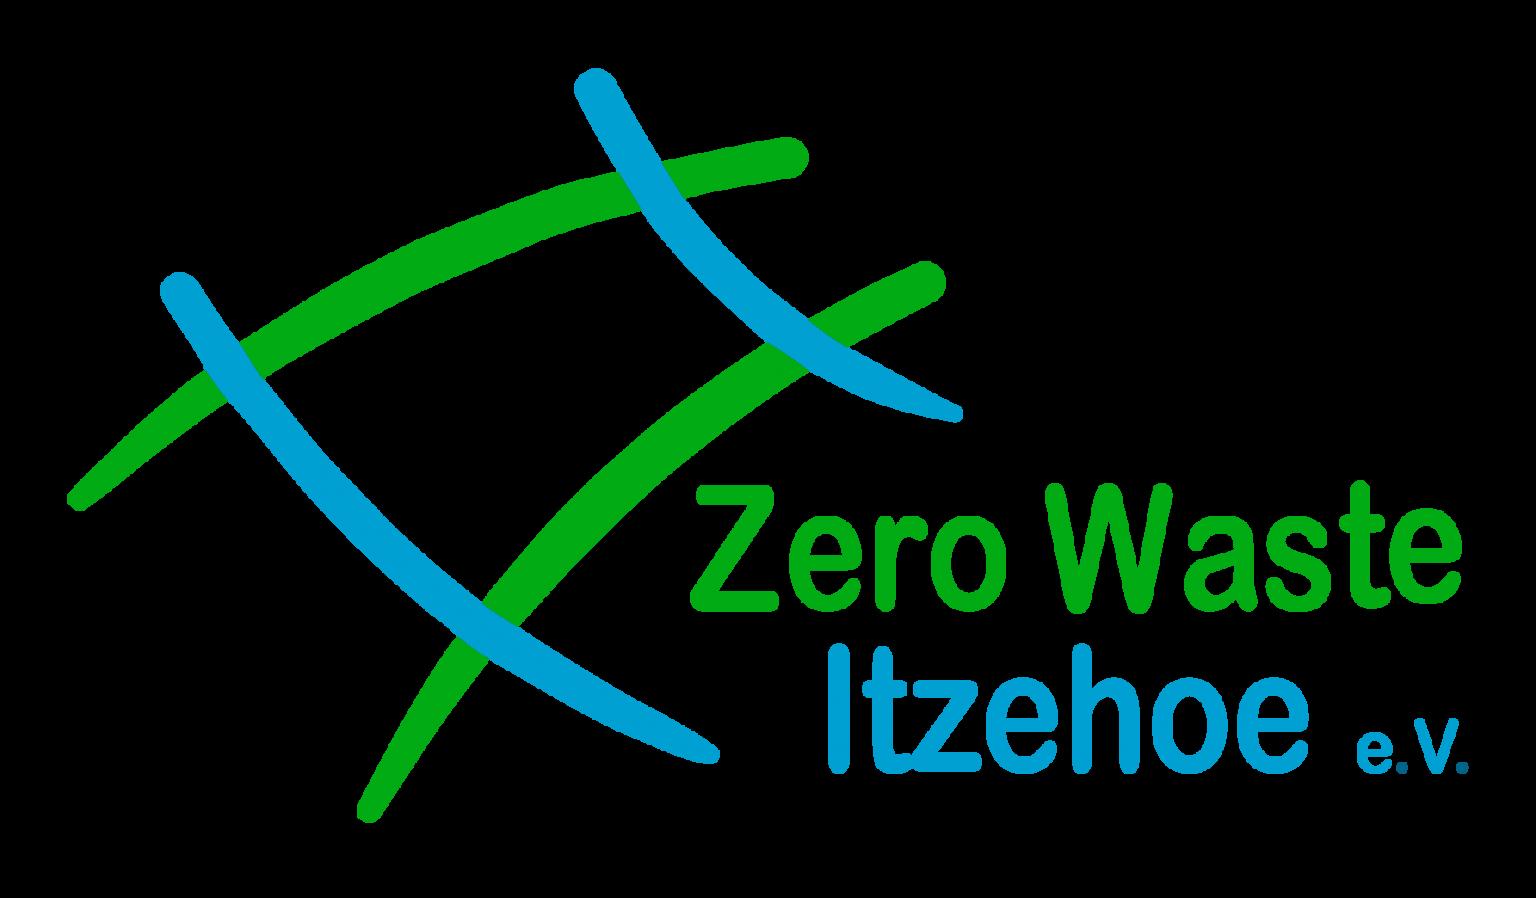 Zero Waste Itzehoe e.V.